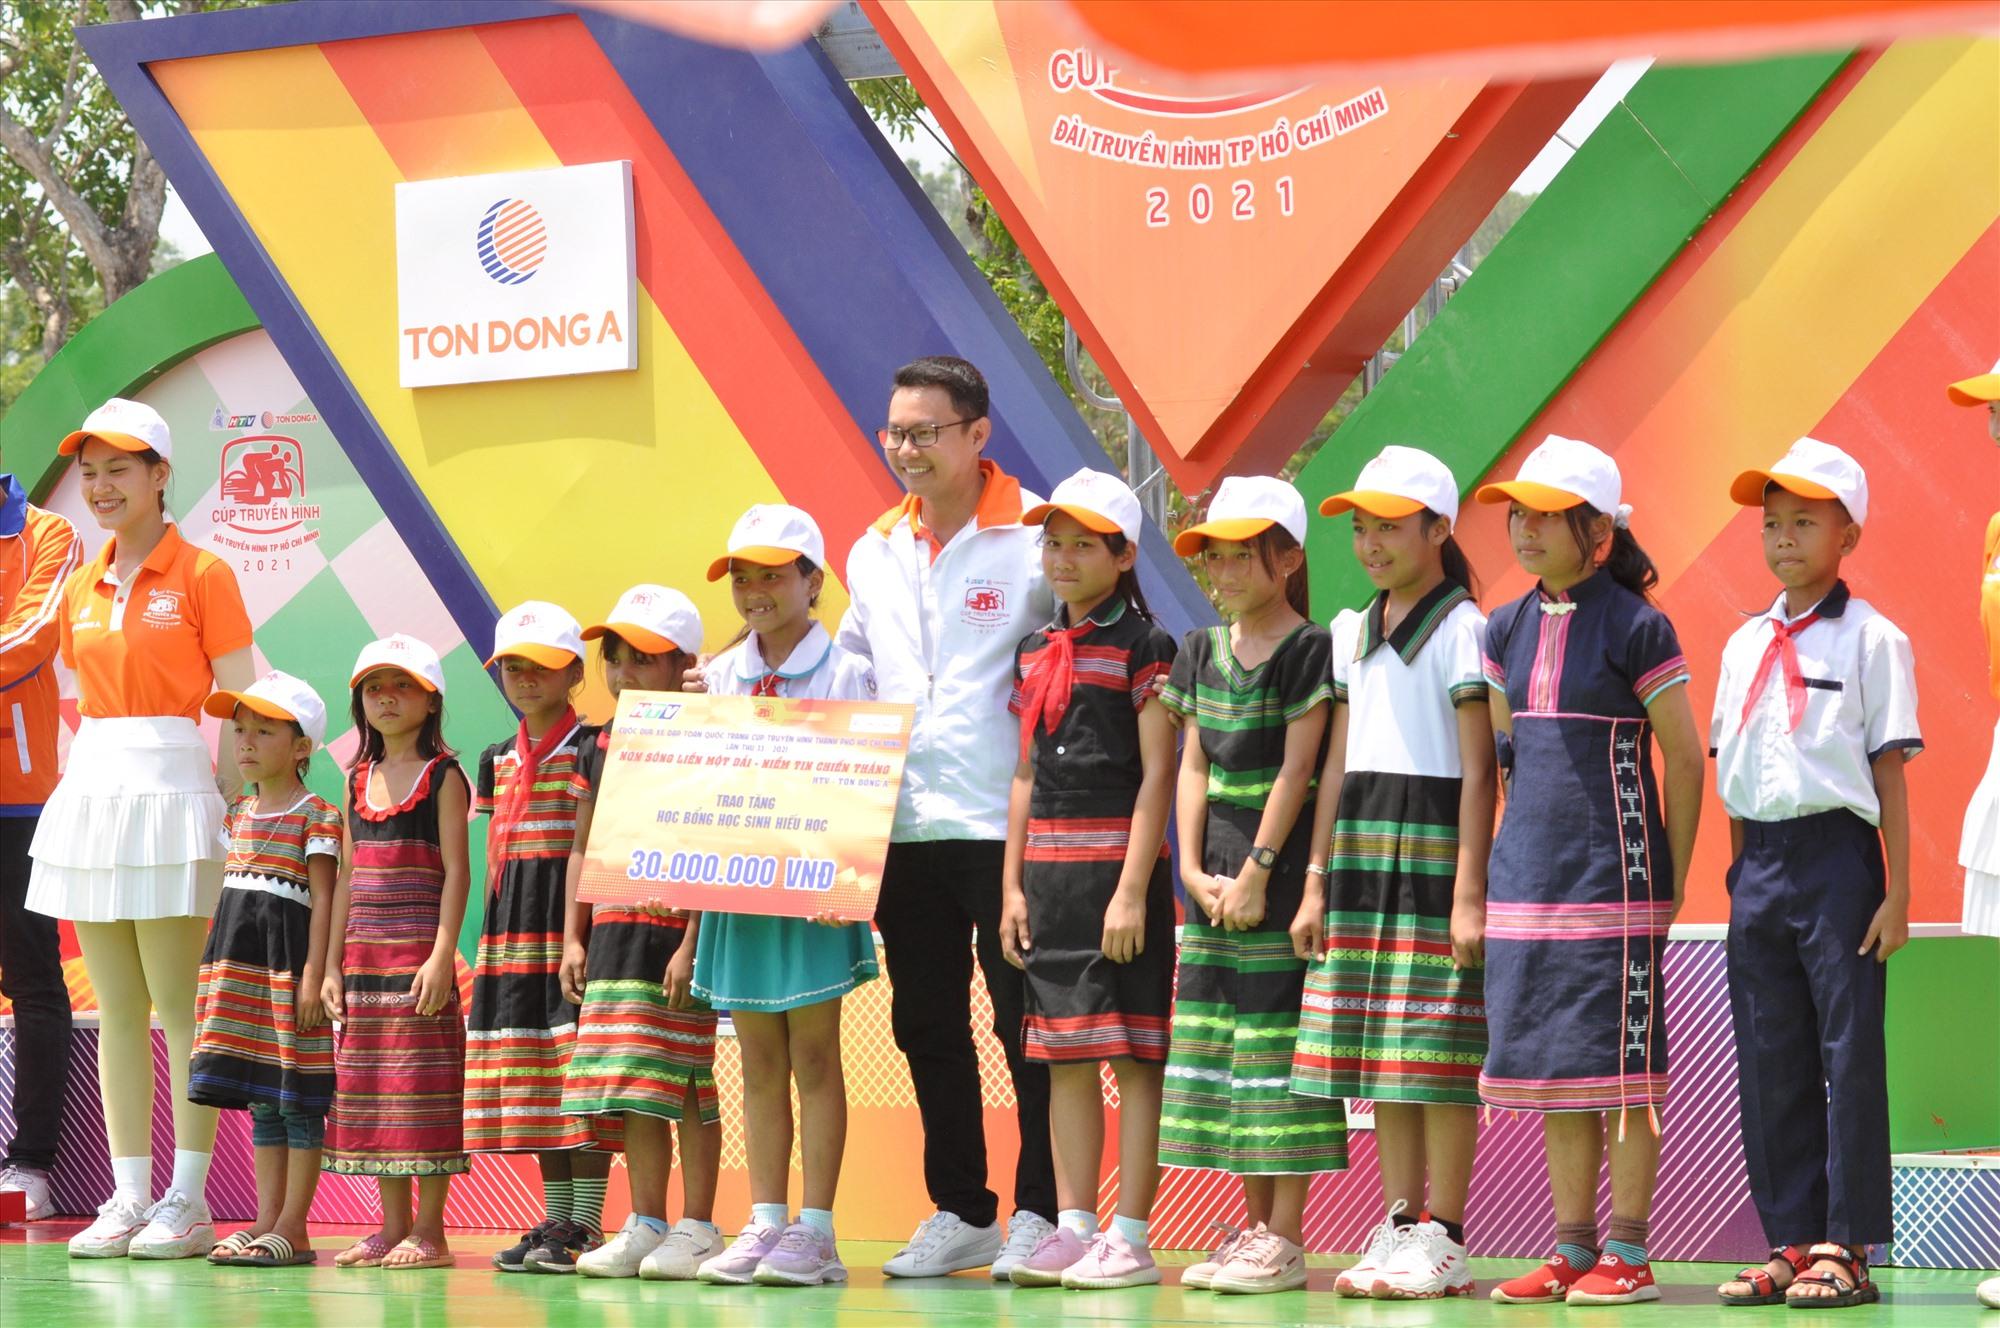 Ban tổ chức cuộc đua trao tặng 20 triệu đồng học bổng cho học sinh huyện Tây Giang. Ảnh: T.VY